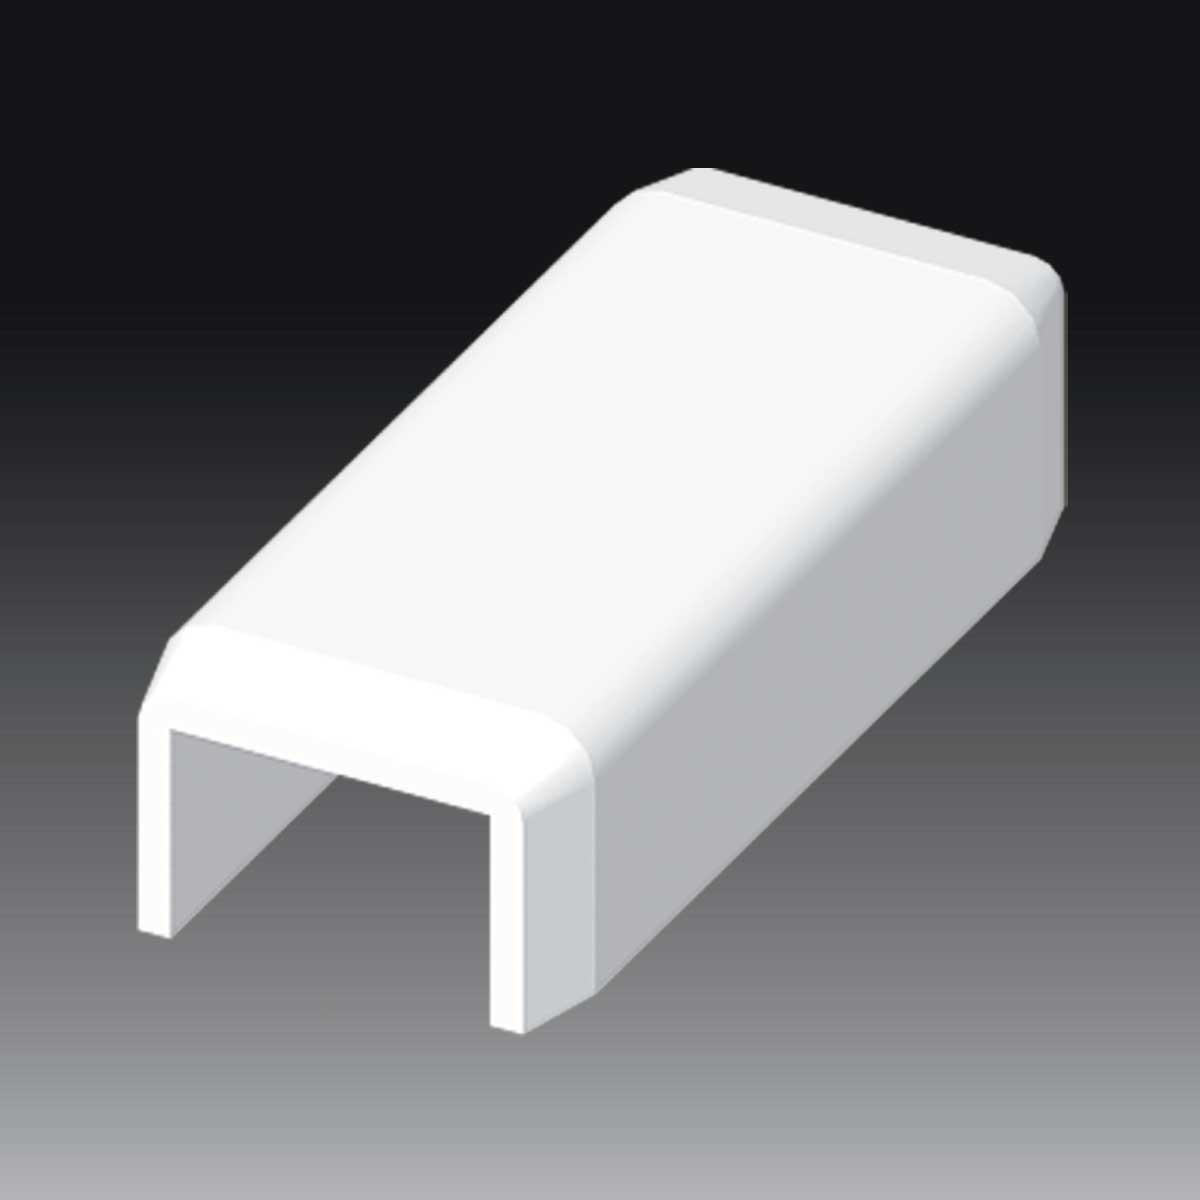 З'єднувач для LH 15х10  білого кольору; Серія LH; ПВХ